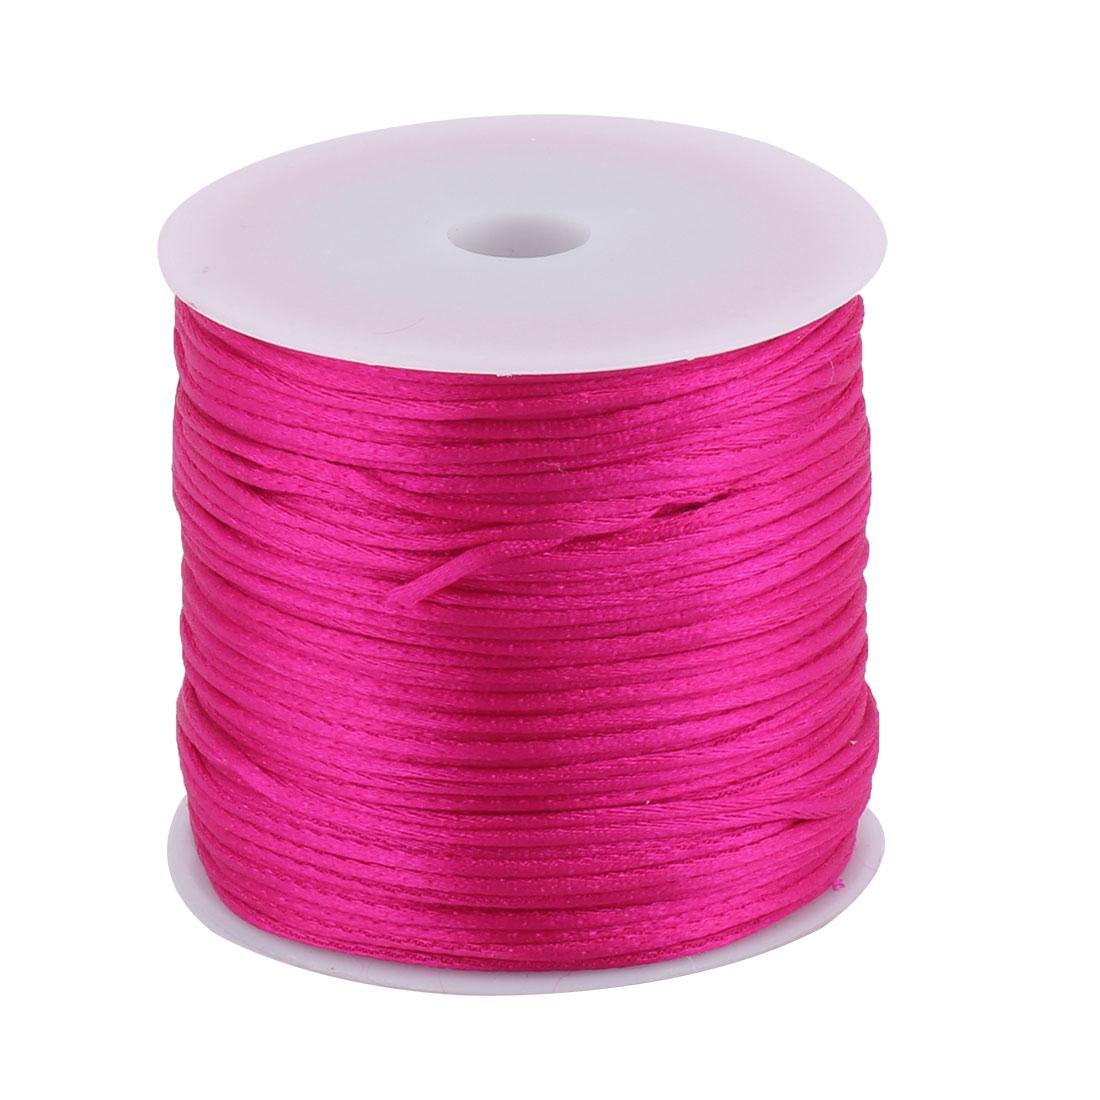 Nylon Handicraft DIY Knit Fan Decor Pendant Cord Fuchsia 1.5mm Dia 78.7 Yards